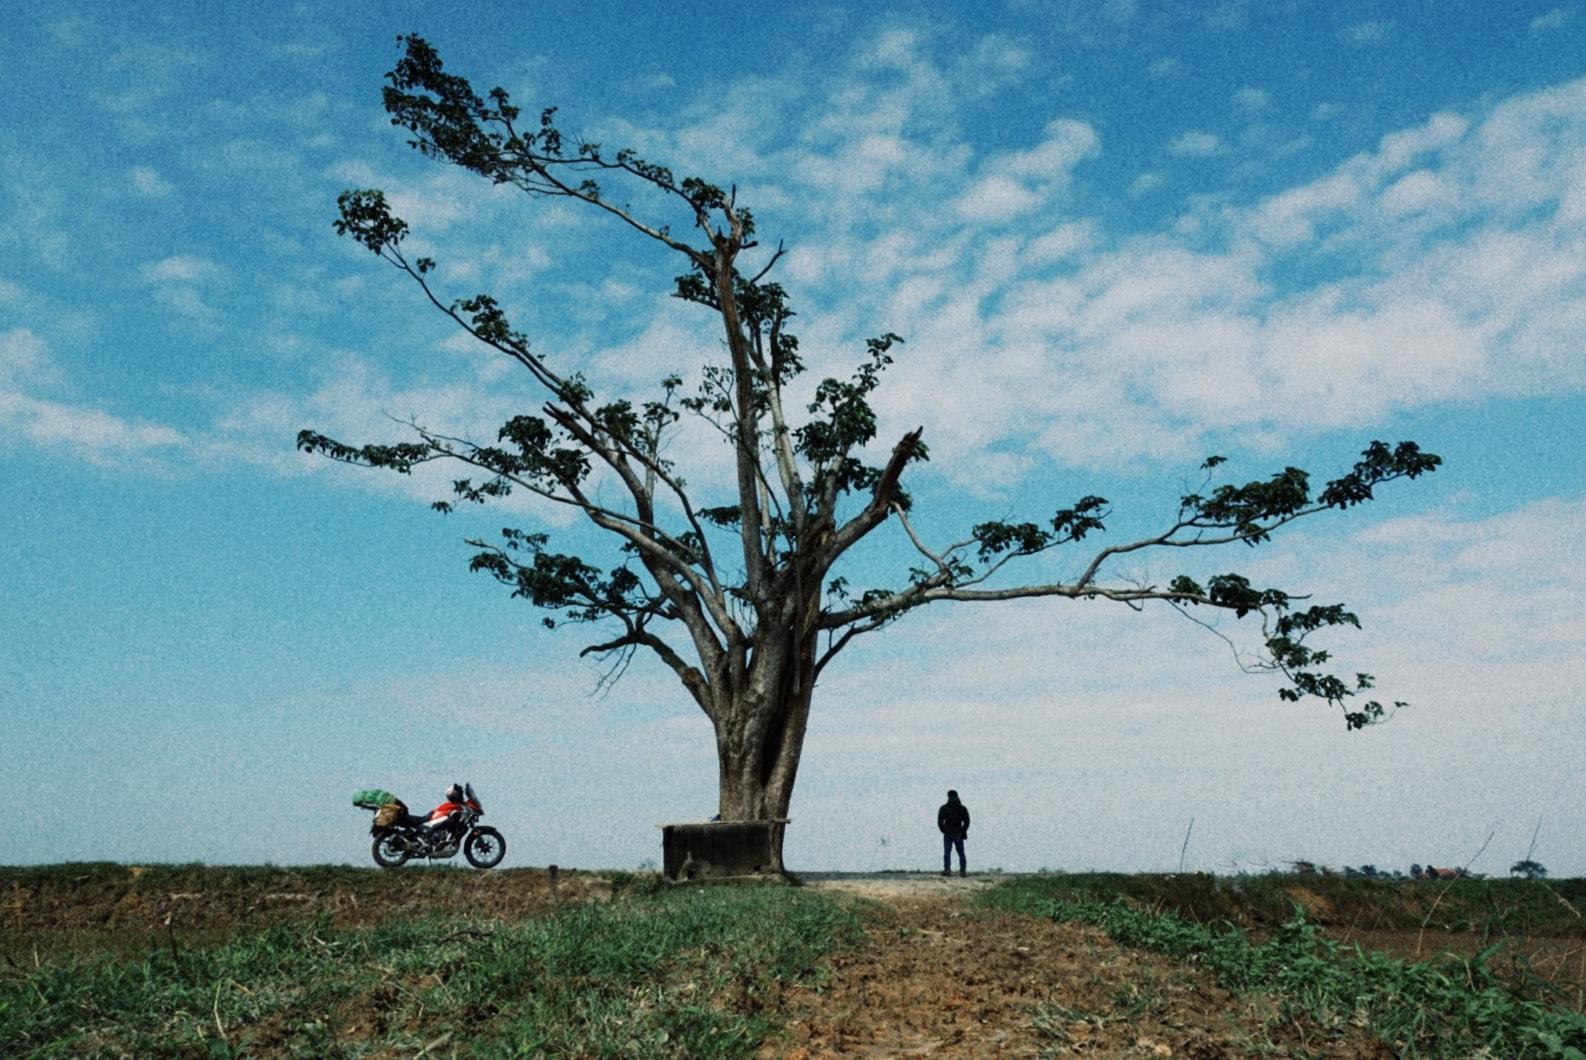 Sau màn tạo dáng 'cute' là bức ảnh đẹp không kể hết về cây ngô đồng ở Huế.